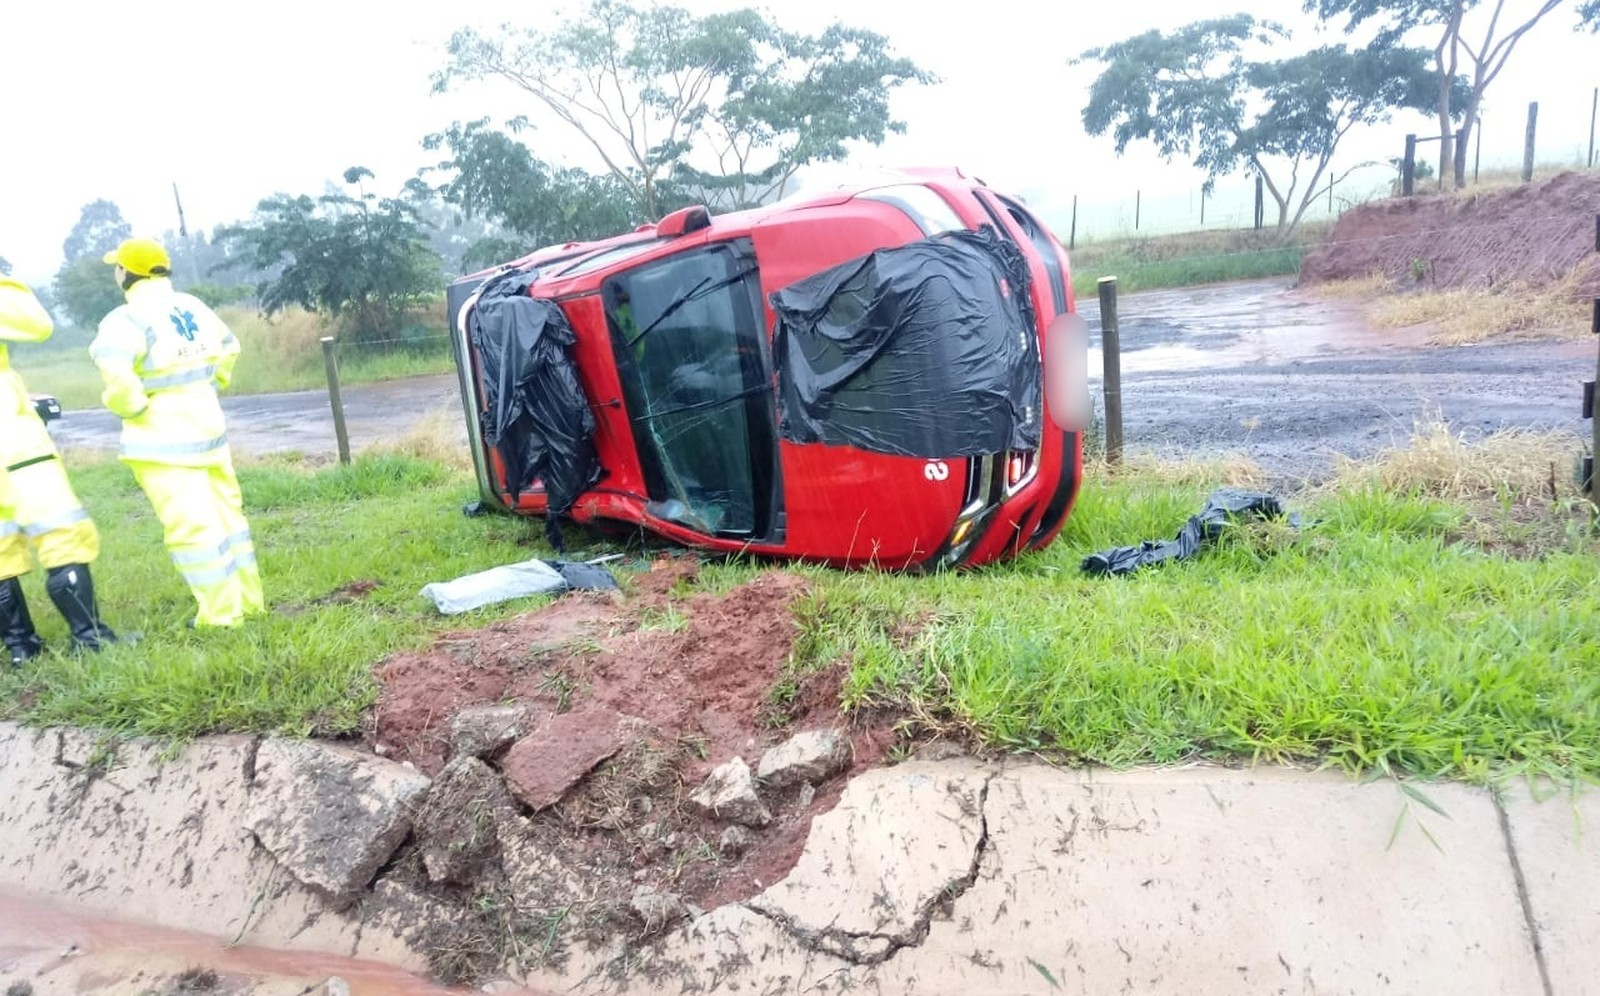 Acidente aconteceu na manhã desta sexta-feira (21) na Rodovia Rachid Rayes em Marília — Foto: Jornal do Povo/Divulgação